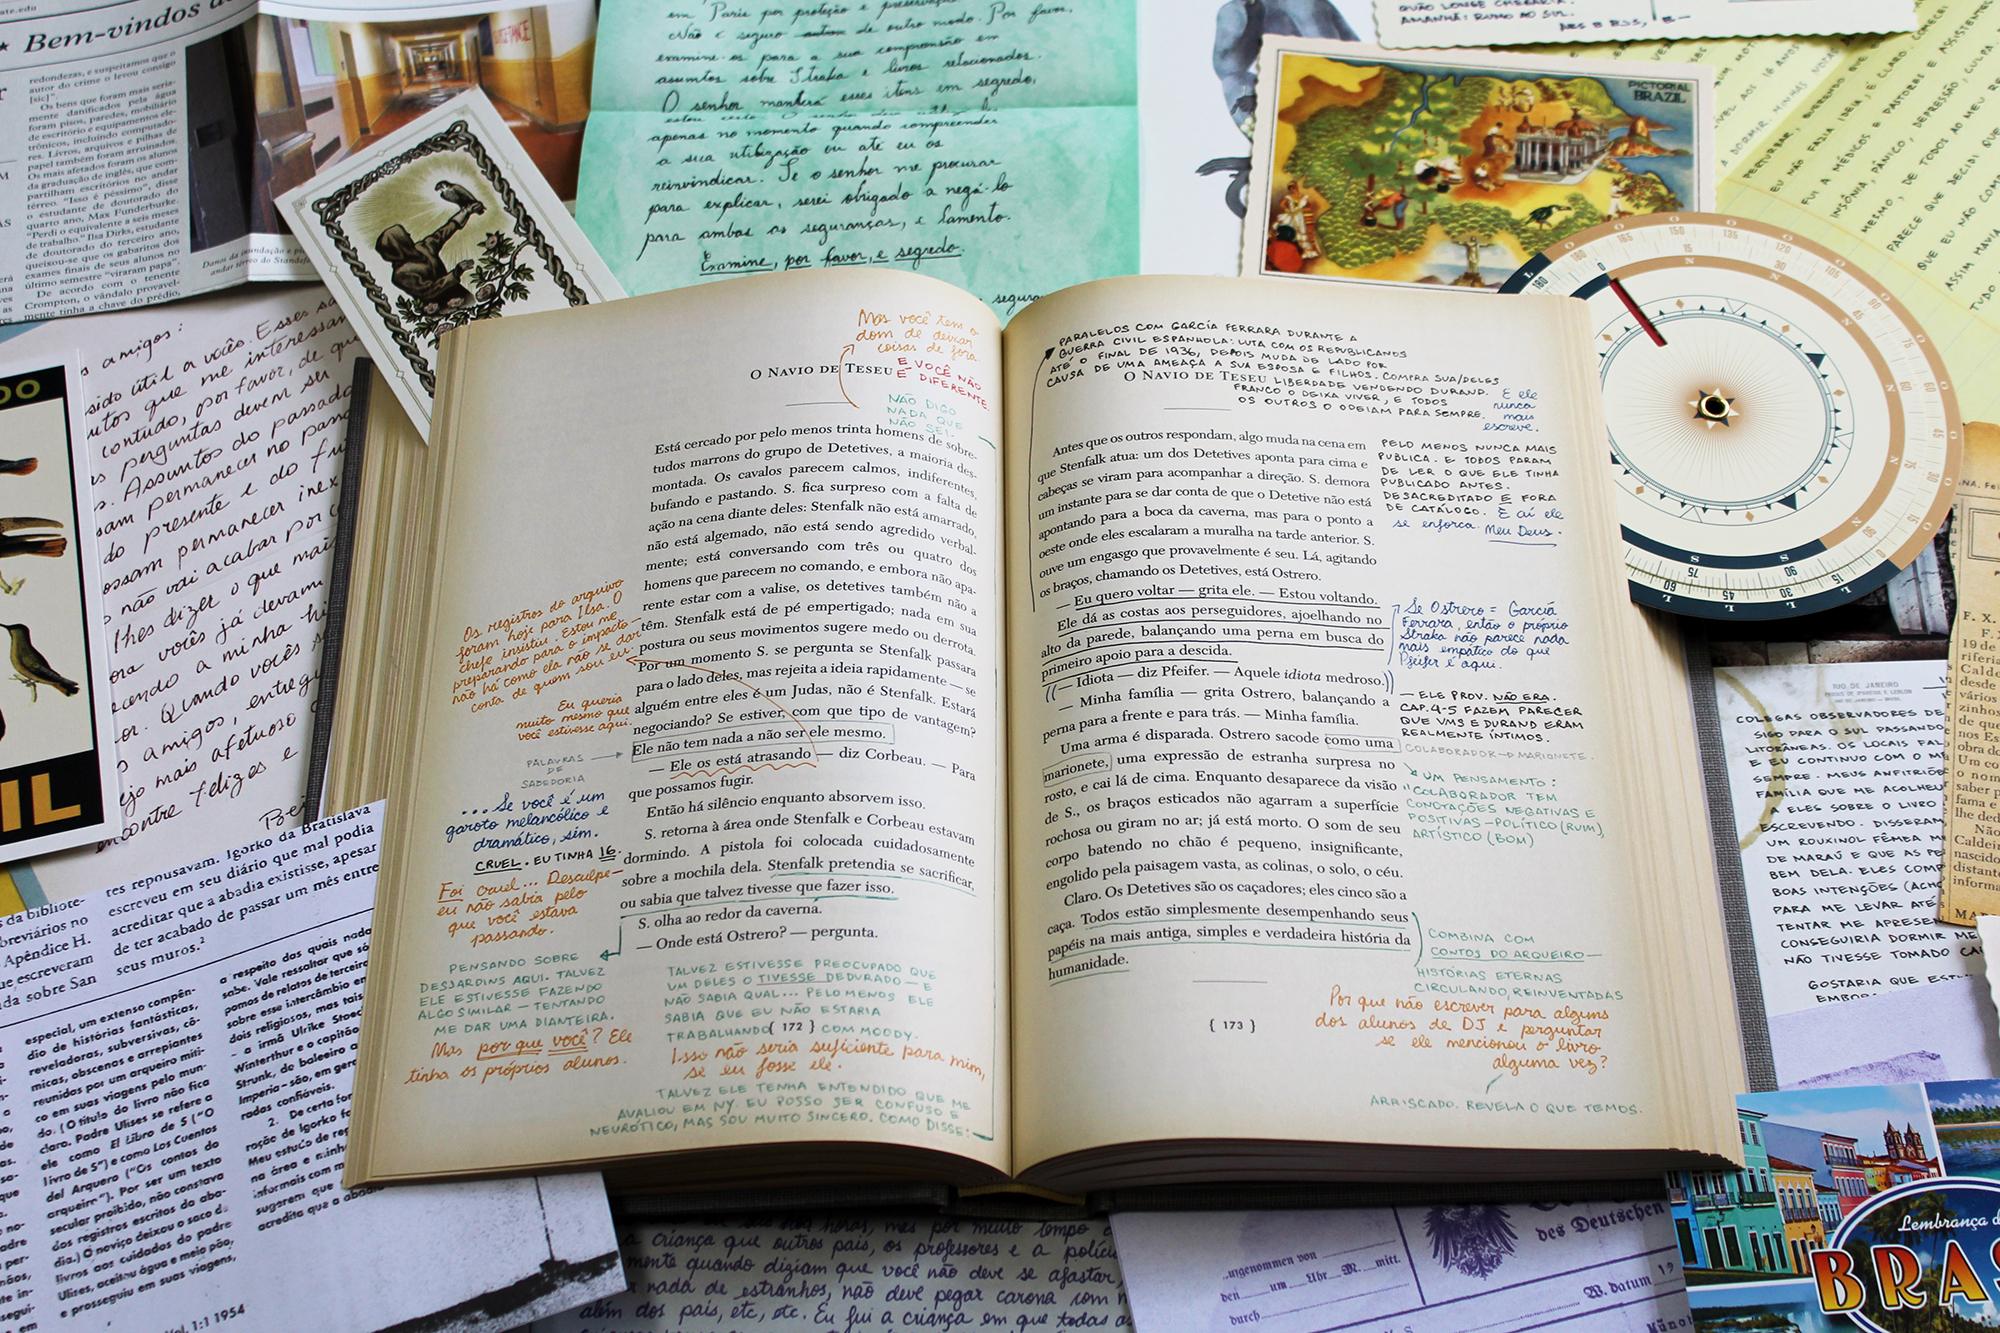 Thunder FIC's   Narrativas originais que diferenciam as obras 2